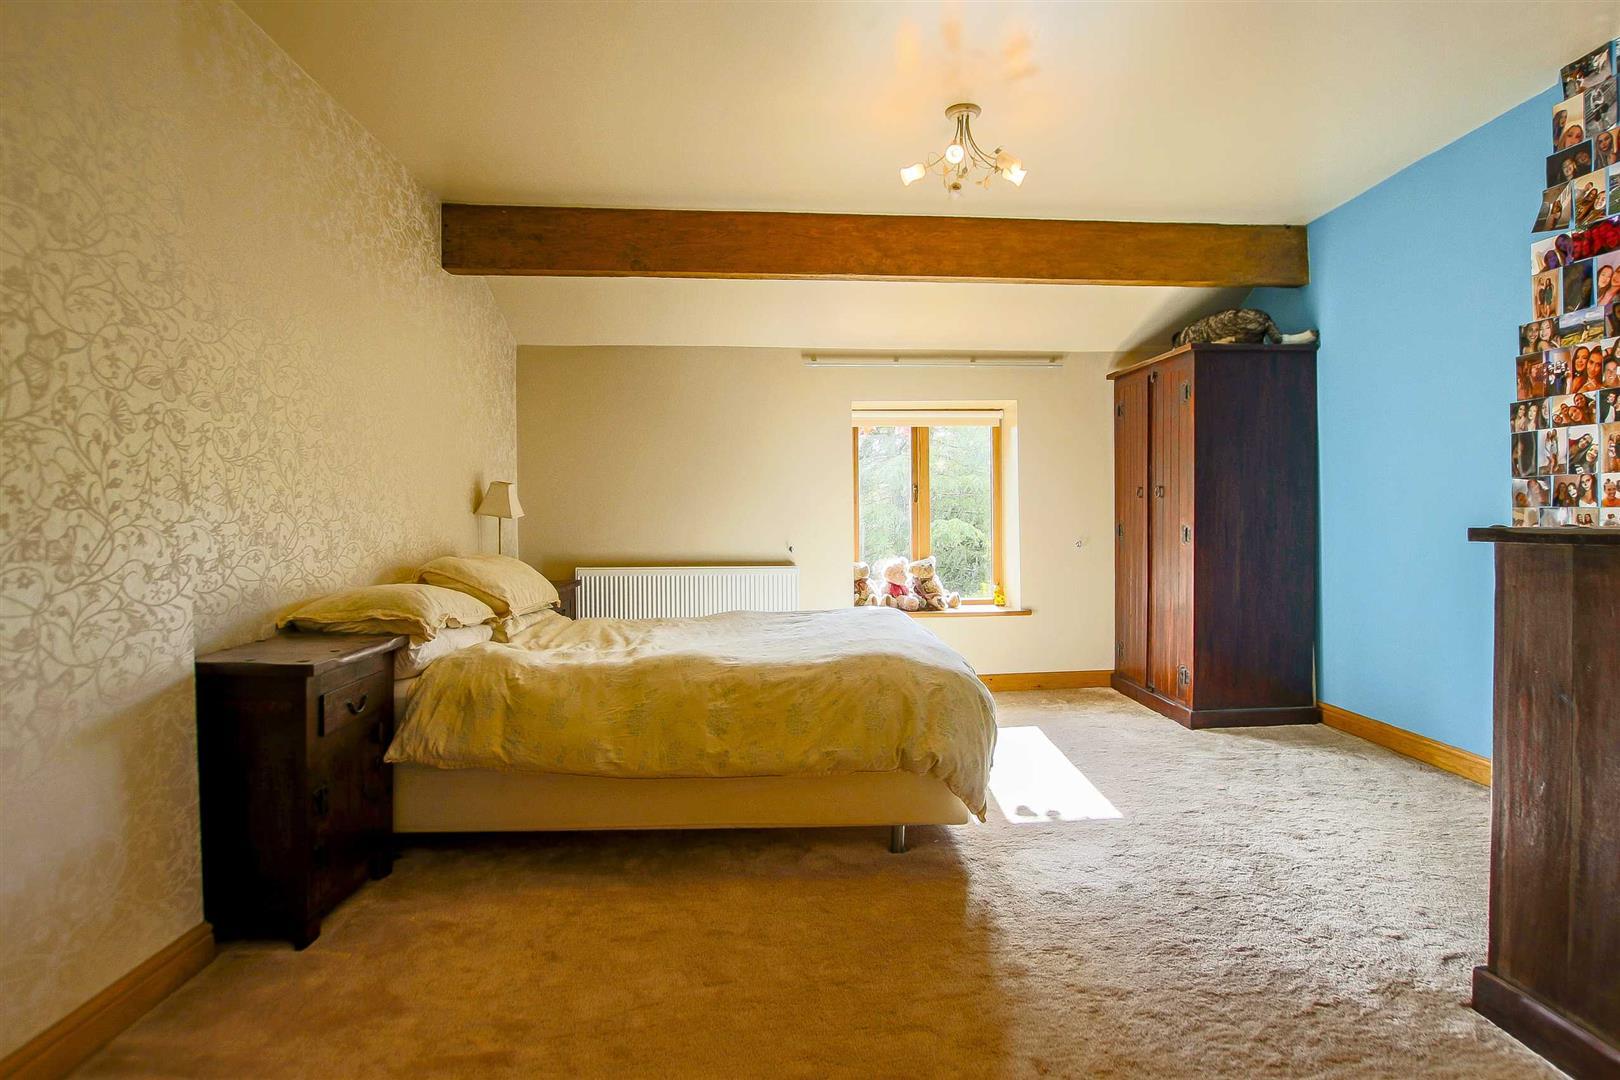 5 Bedroom Cottage For Sale - Image 22